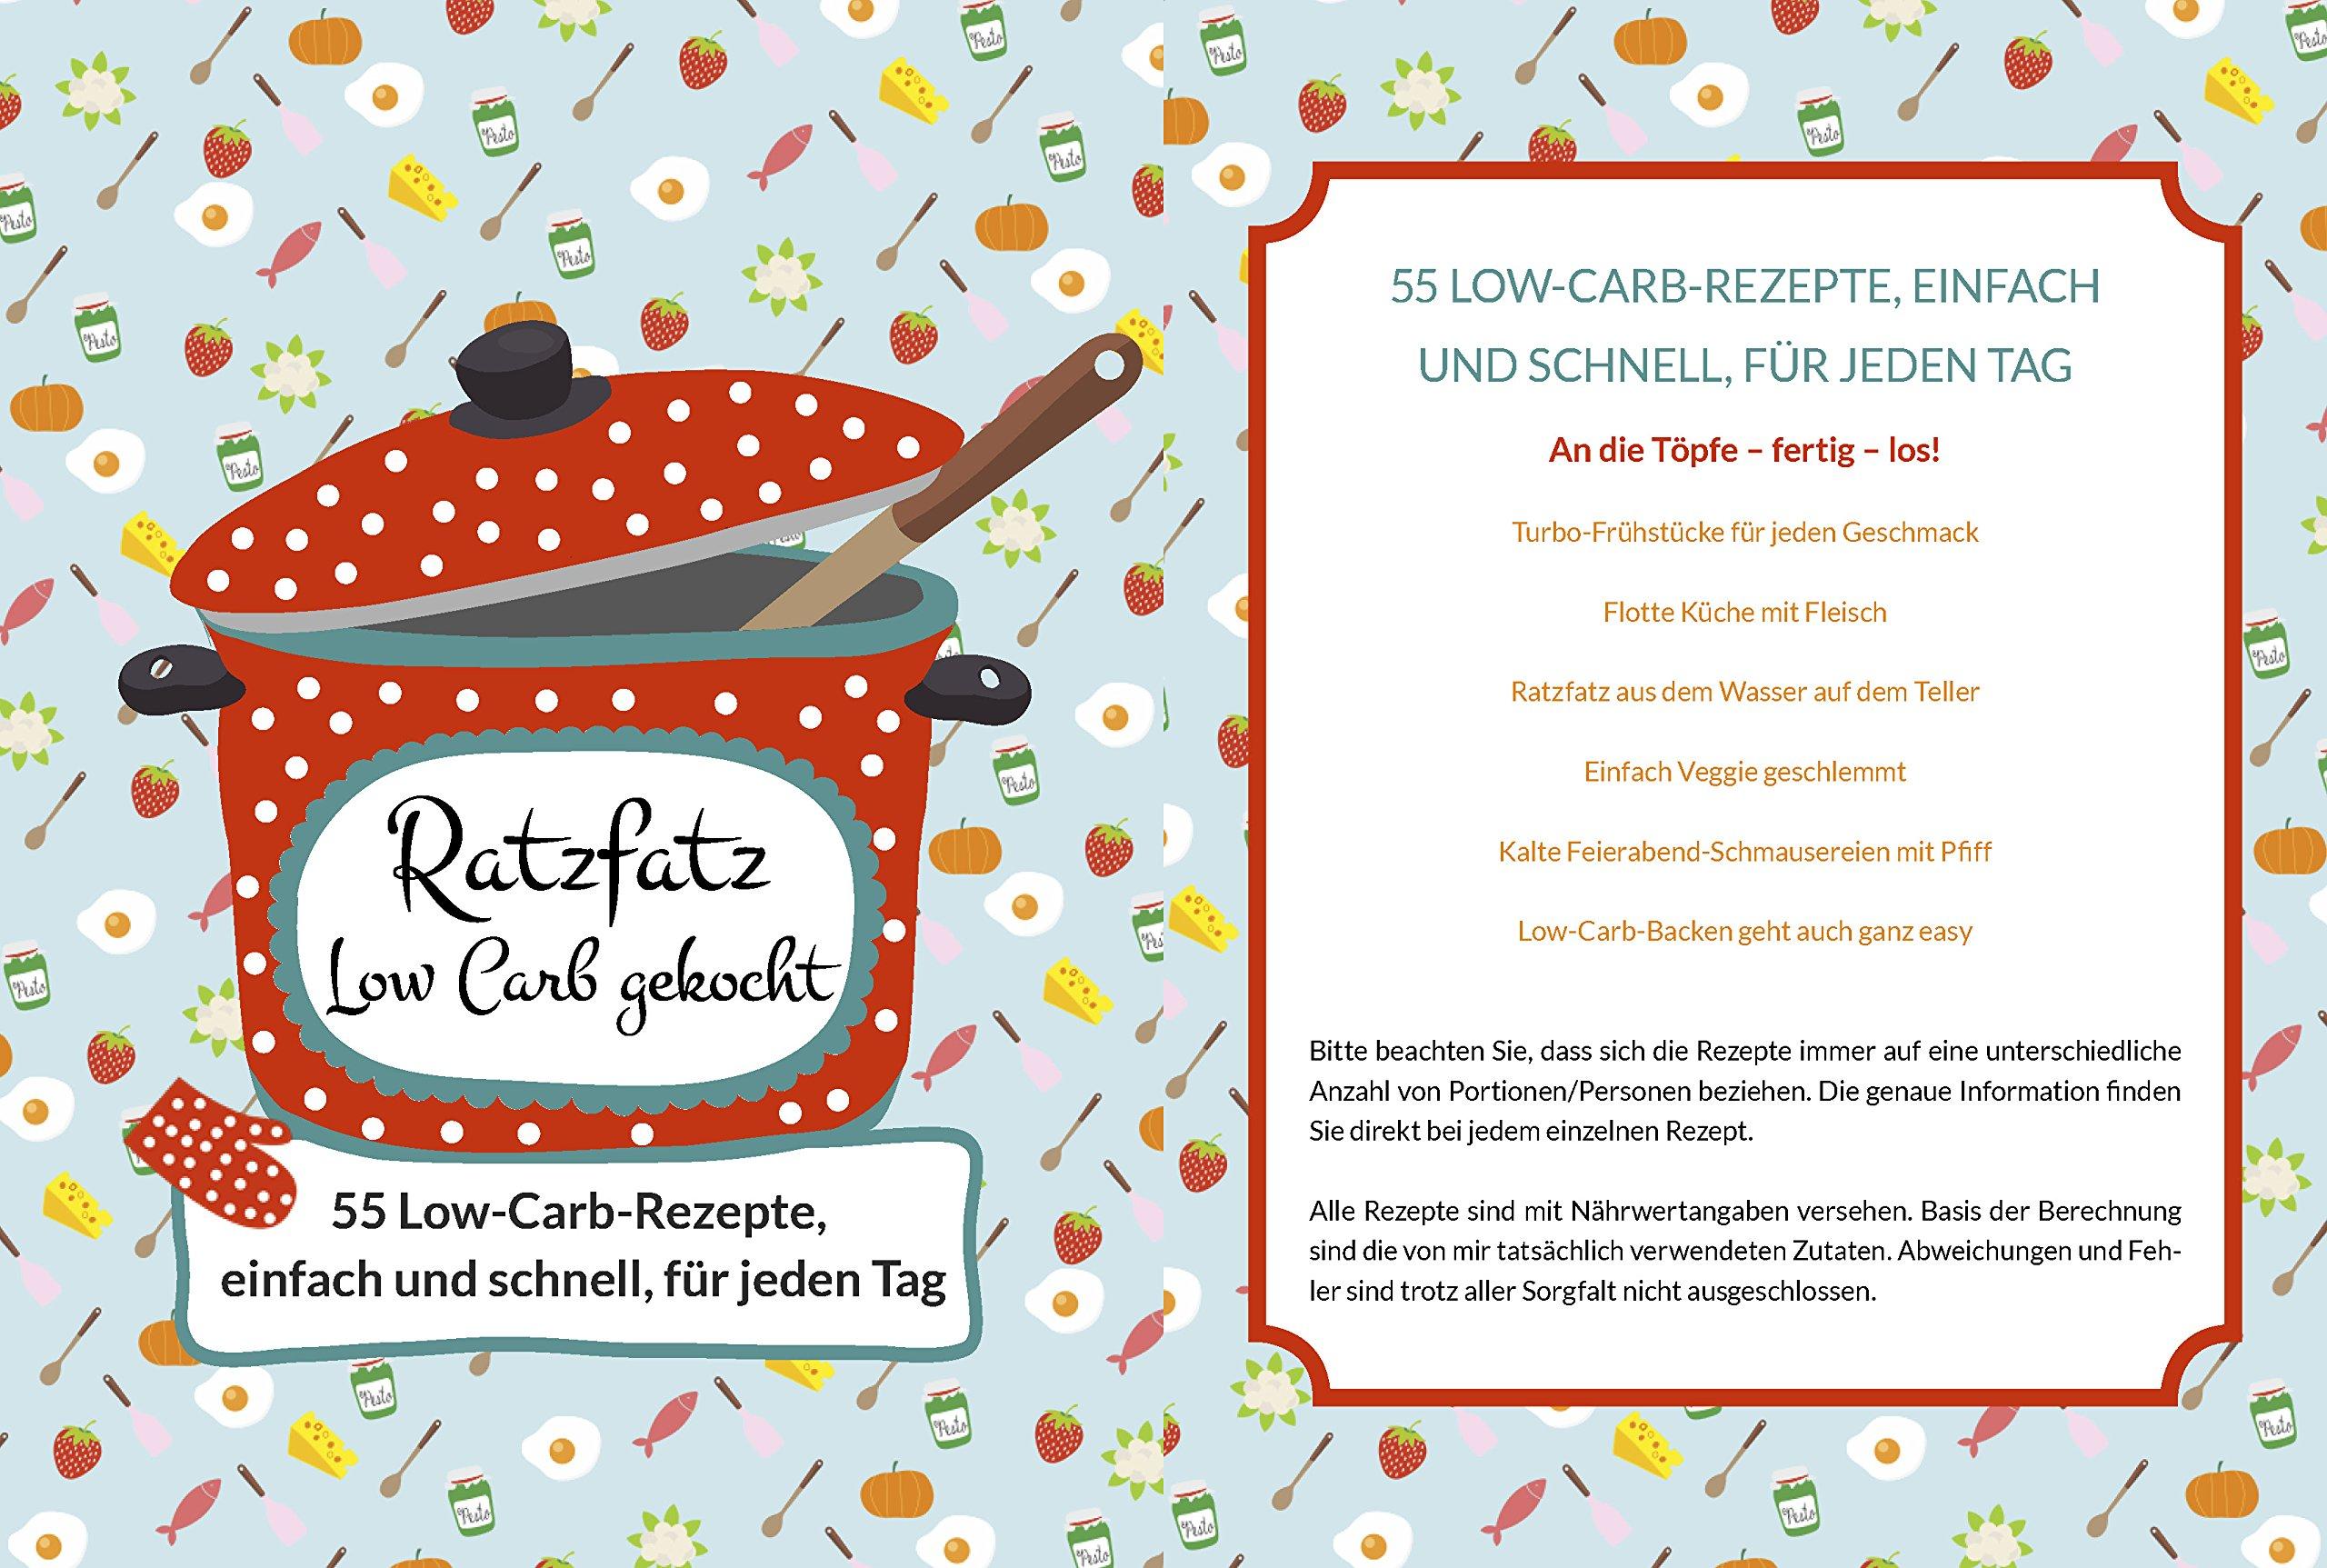 Happy Carb Ratzfatz Low Carb Gekocht 55 Low Carb Rezepte Einfach